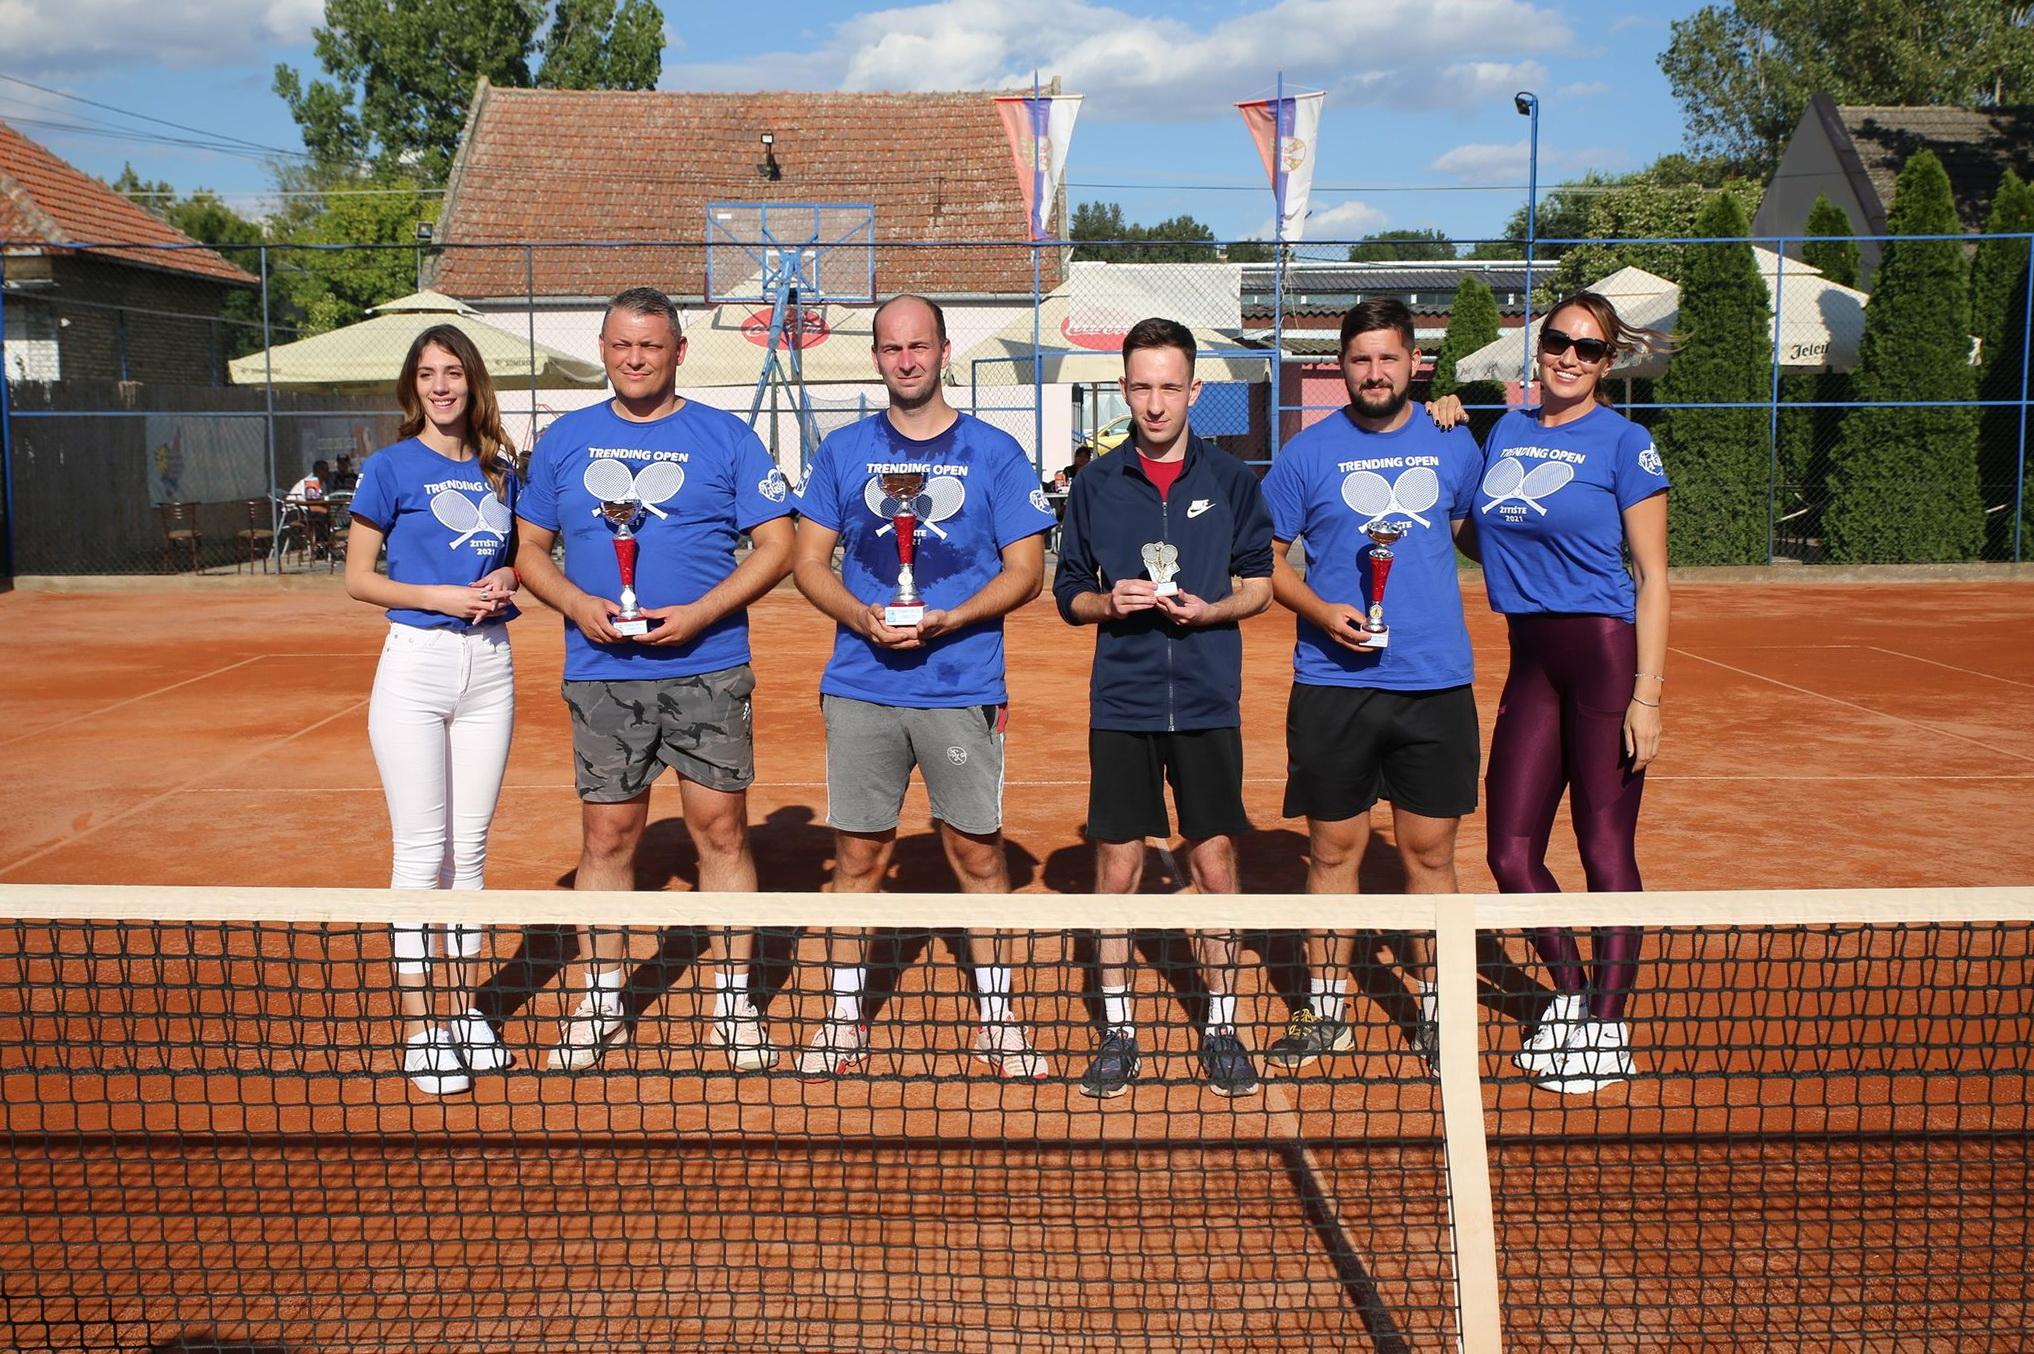 Robi Filep osvojio teniski turnir u Žitištu (FOTO)